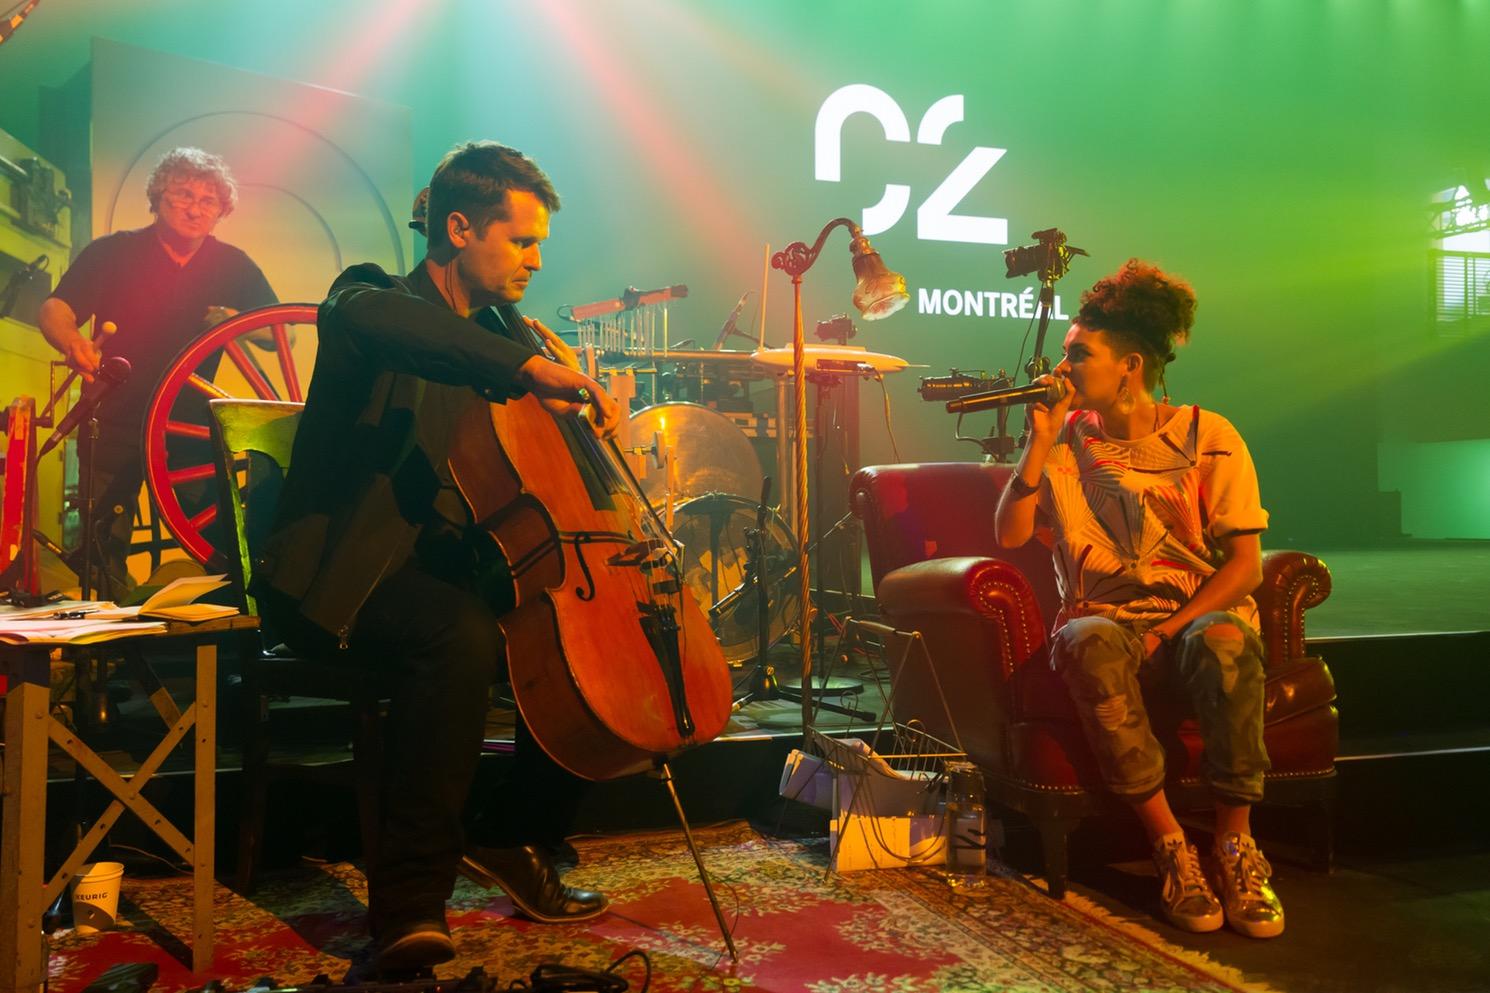 Les musiciens en résidence de la scène principale de C2 Montréal 2016: Alain Collin + Philip Sheppard + Fab